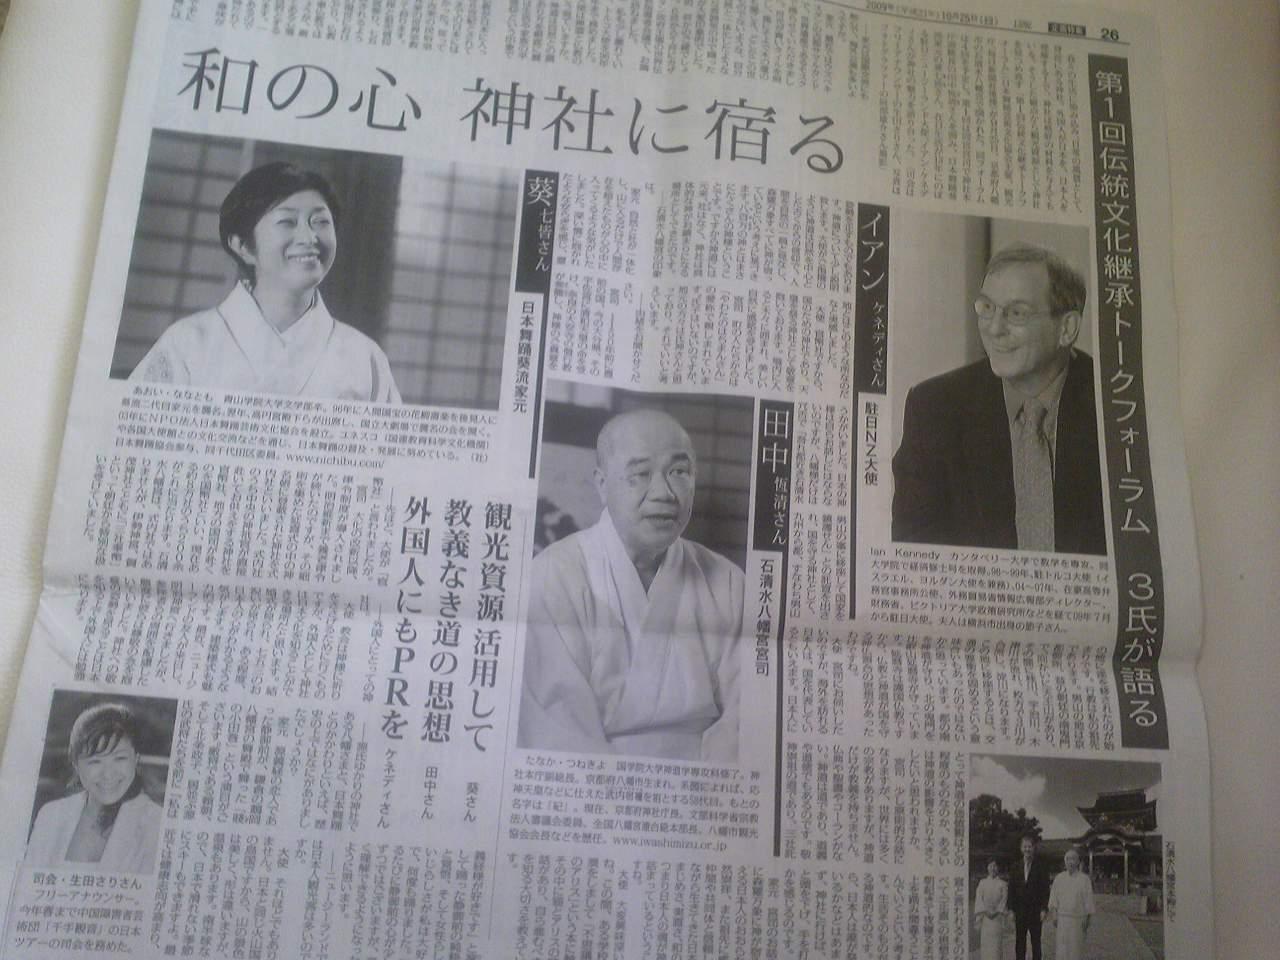 毎日新聞に掲載されました。_e0142585_1511272.jpg